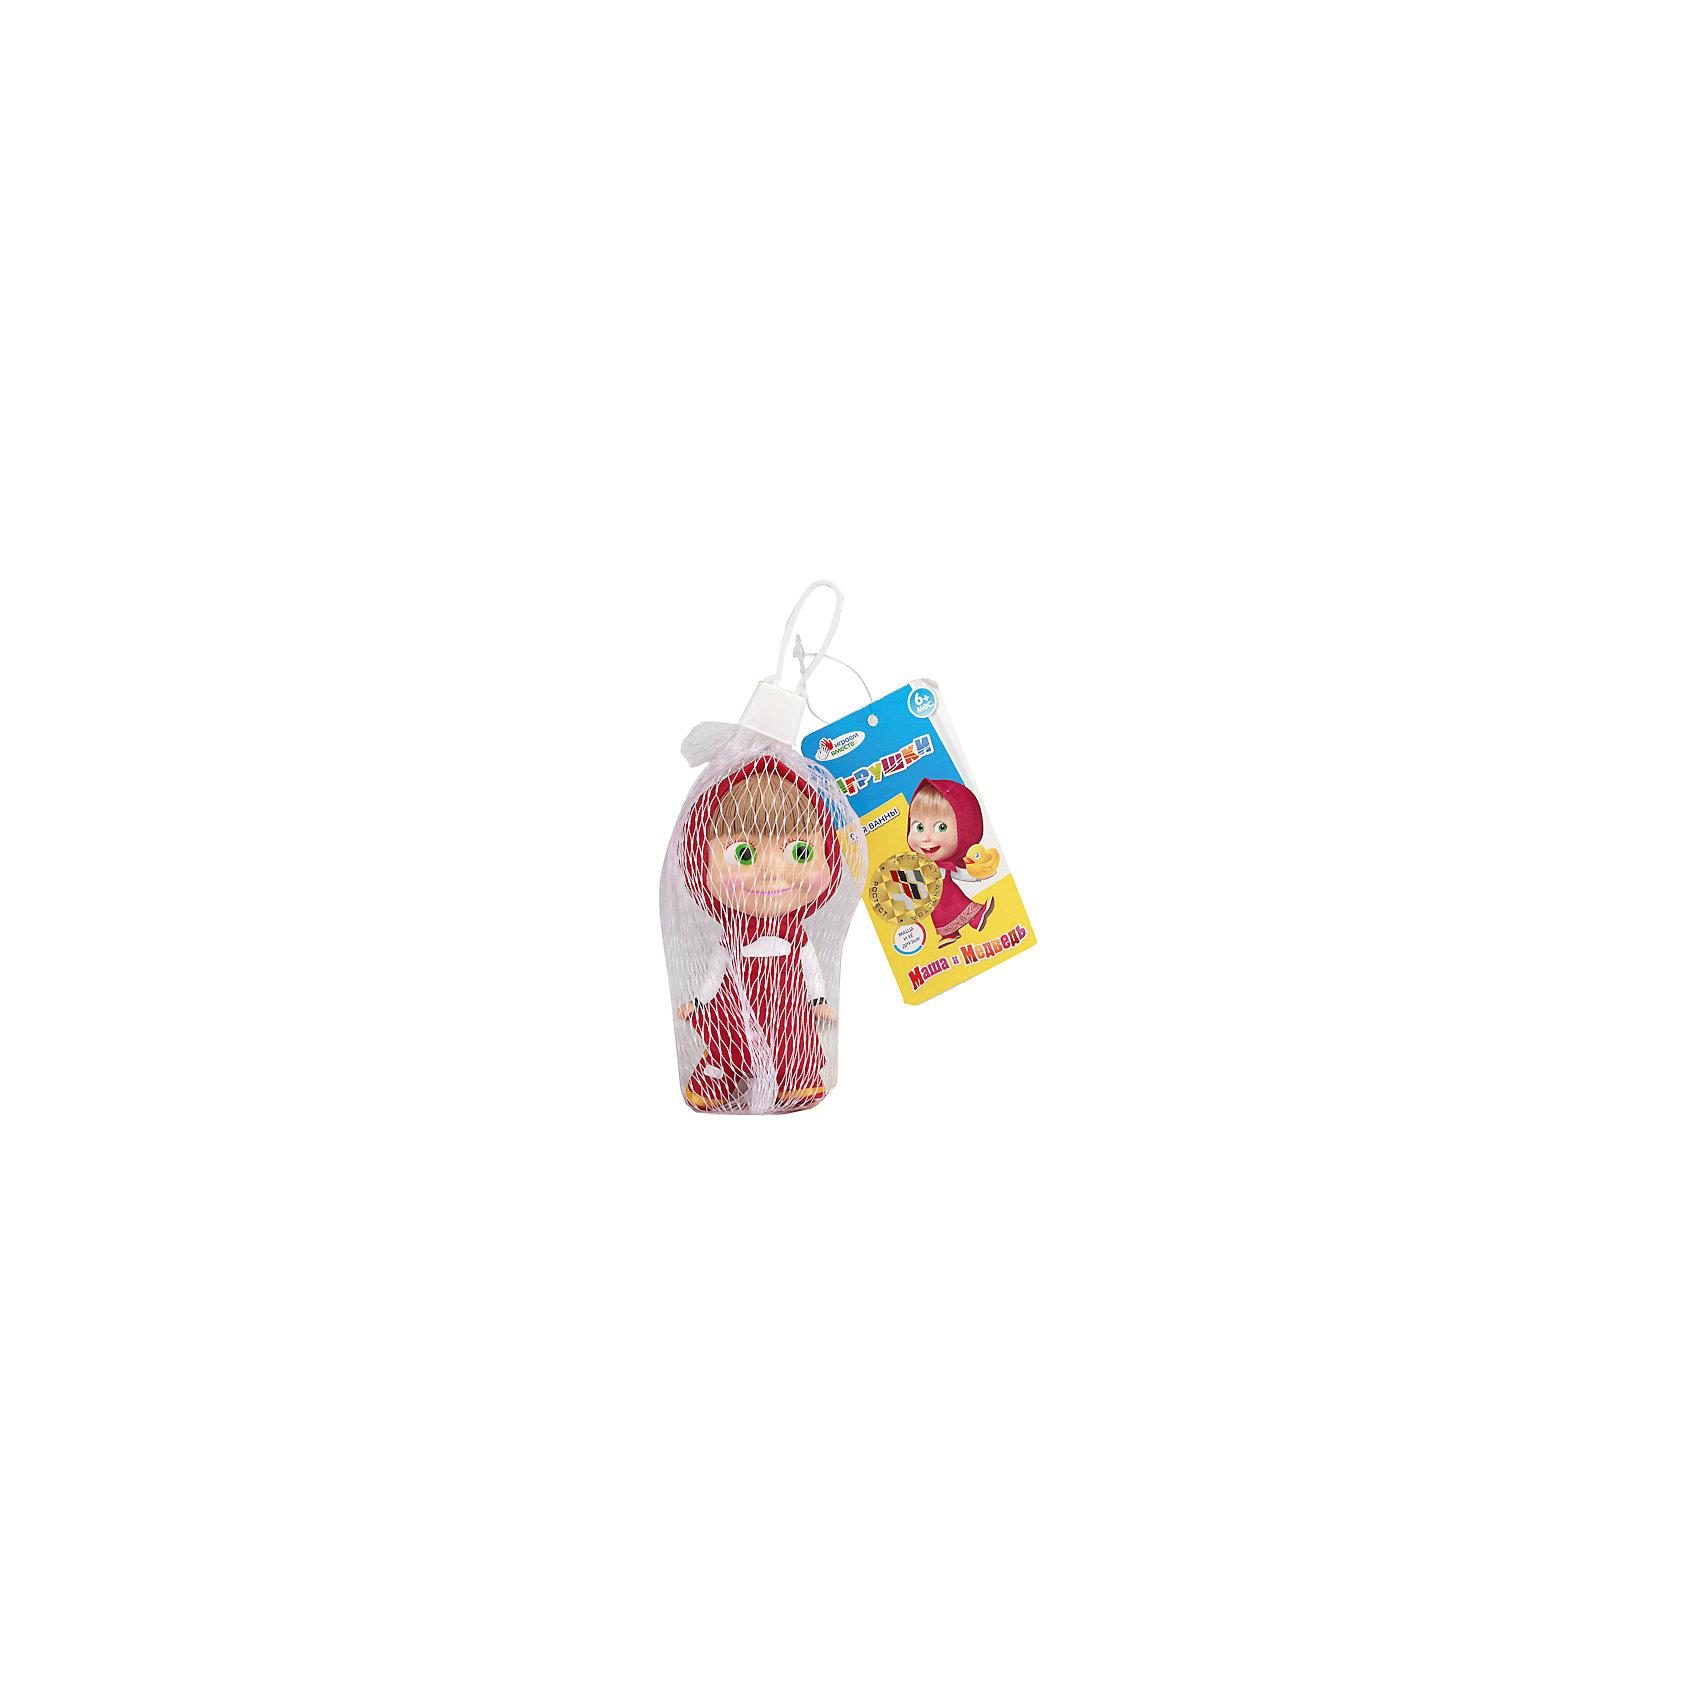 Игрушка д/купания Маша, Маша и медведь, Играем вместеИгрушка д/купания Маша, Маша и медведь, Играем вместе.<br><br>Характеристики:<br><br>• Материал: ПВХ.<br>• Размер: 4х10х5см.<br><br>Отличная игрушка из мягкого ПВХ надолго займет внимание вашего малыша. Эта игрушка поможет малышу при прорезывании зубов, поможет развивать моторику рук, знакомить с формой, цветом, образами также с ней можно забавно поиграть в ванной. Яркий образ любимой героини поможет ребенку придумывать различные сюжетно-ролевые игры.<br><br>Фигурку для ванной Маша, Маша и медведь, Играем вместе, можно купить в нашем интернет – магазине.<br><br>Ширина мм: 50<br>Глубина мм: 110<br>Высота мм: 50<br>Вес г: 40<br>Возраст от месяцев: 6<br>Возраст до месяцев: 3<br>Пол: Унисекс<br>Возраст: Детский<br>SKU: 4950490